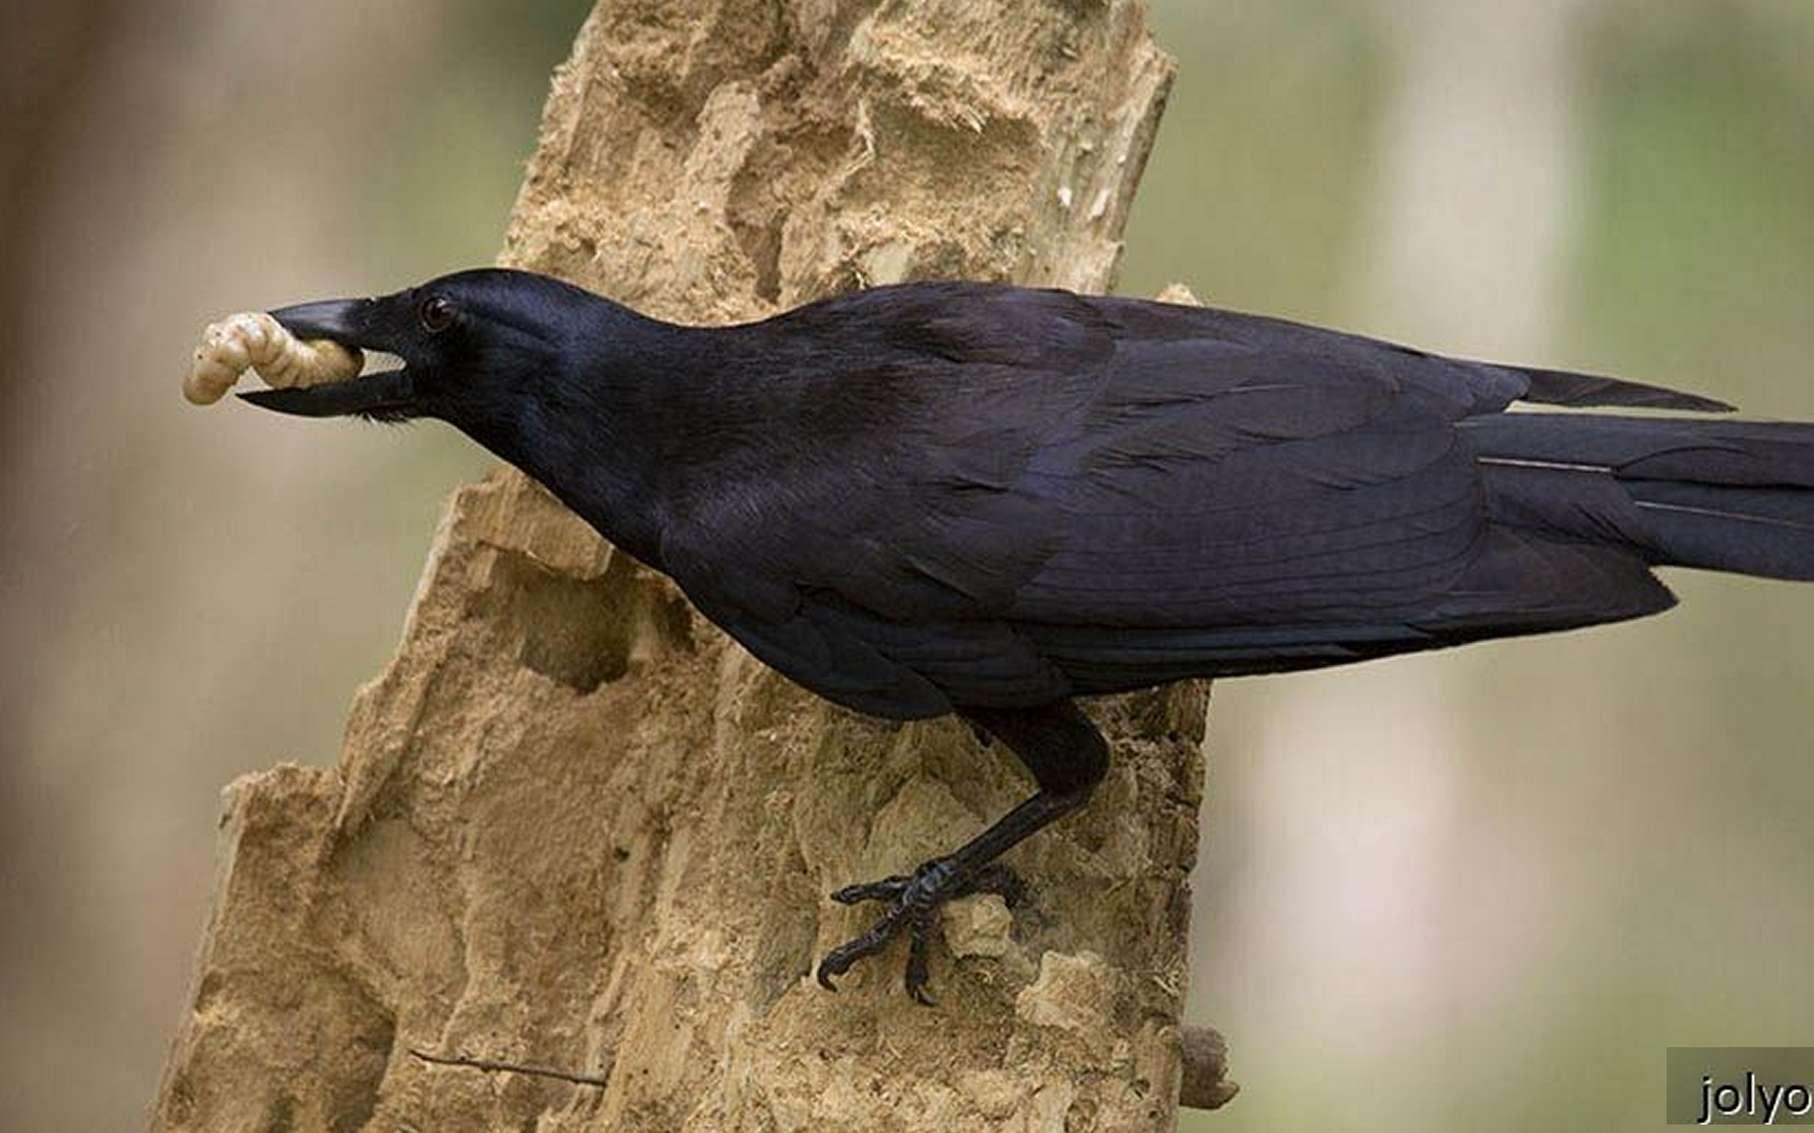 Le cerveau des oiseaux est petit mais dense en neurones. Ici, un corbeau de Nouvelle-Calédonie (Corvus moneduloides), une espèce étudiée notamment à l'université d'Auckland, est l'une de celles qui ont révélé les capacités cognitives des corvidés. © Jolyon Troscianko